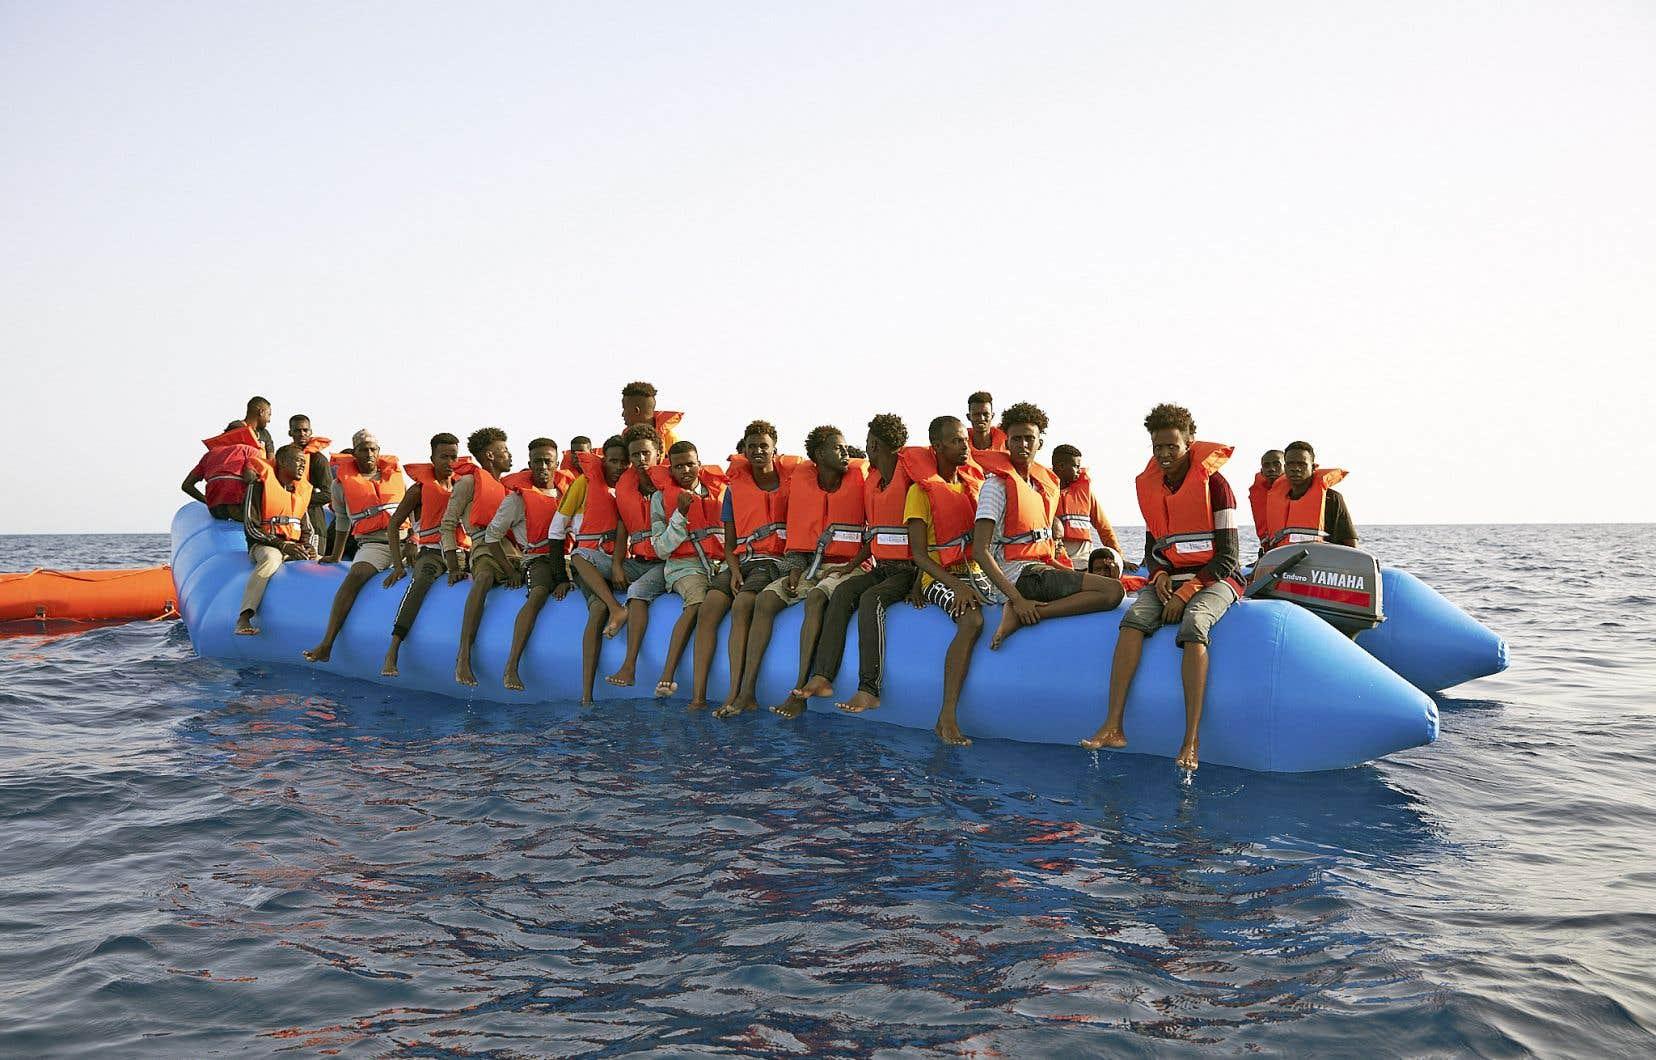 Plus de 113000 migrants ont traversé la mer pour gagner les côtes des pays méditerranéens en 2018, en forte baisse par rapport à l'an dernier (172301), selon les chiffres publiés par le Haut-commissariat des Nations unies pour les réfugiés sur son site Internet.